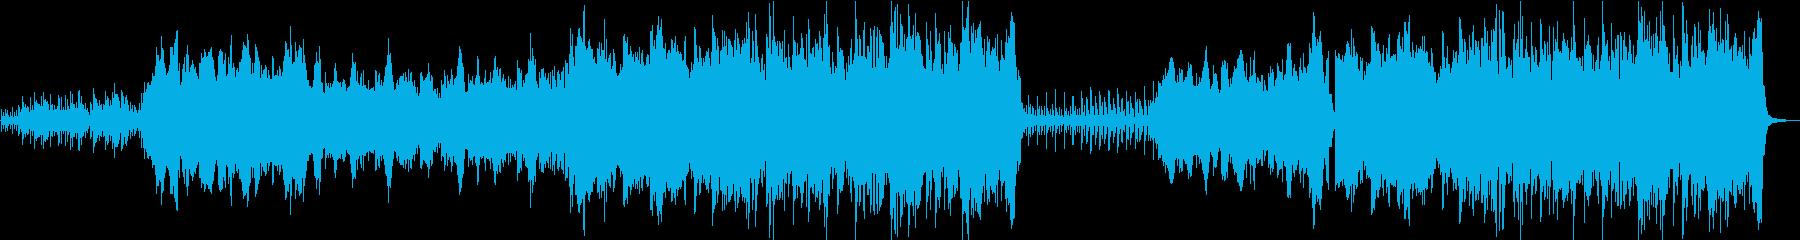 【PV用】可愛い雰囲気のベルの再生済みの波形